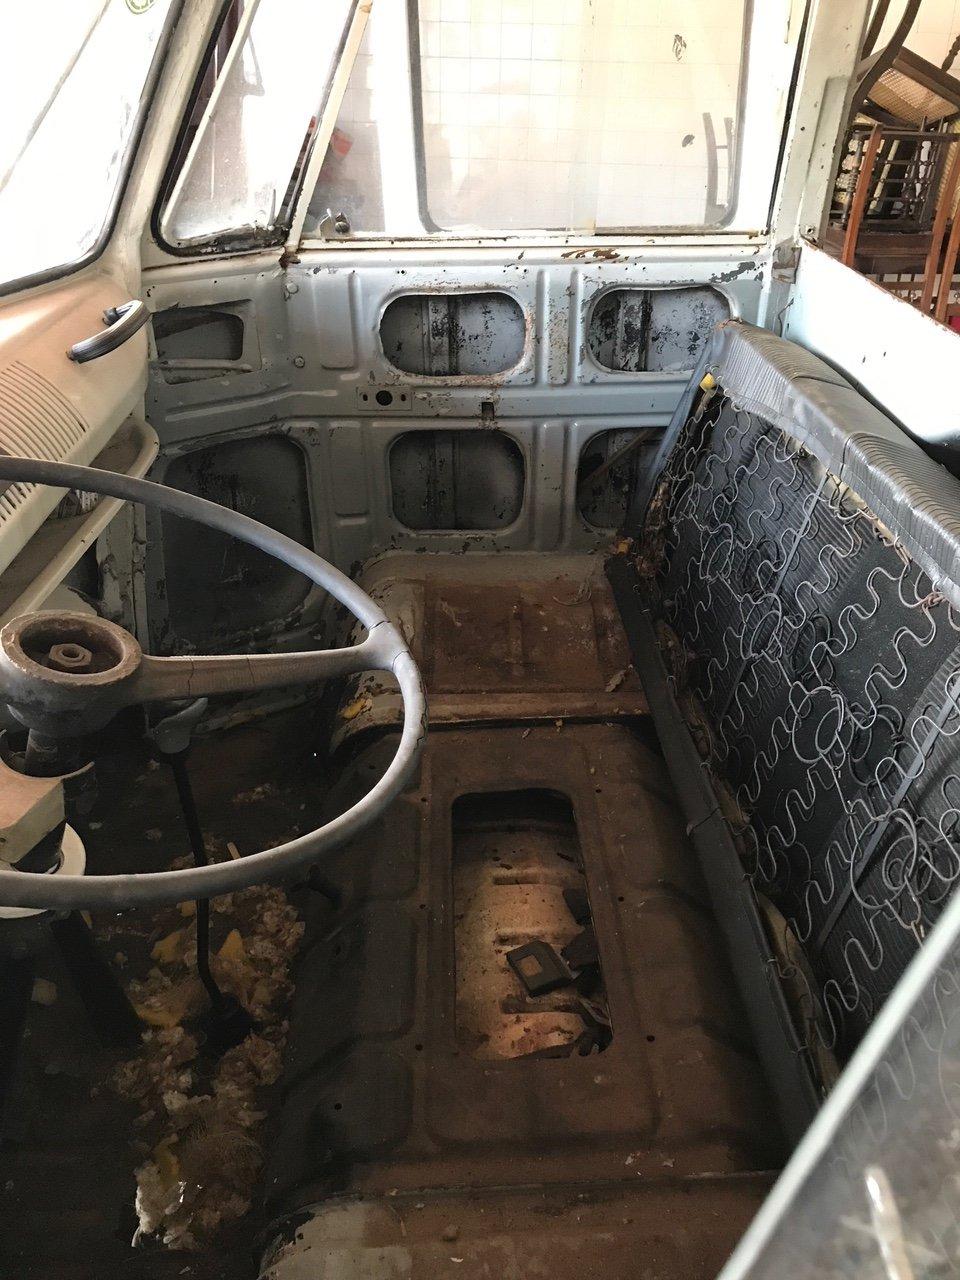 VOLKSWAGEN T1 ORIGINAL 1959 VW KOMBI SPLIT SCREEN CAMPER For Sale (picture 4 of 6)